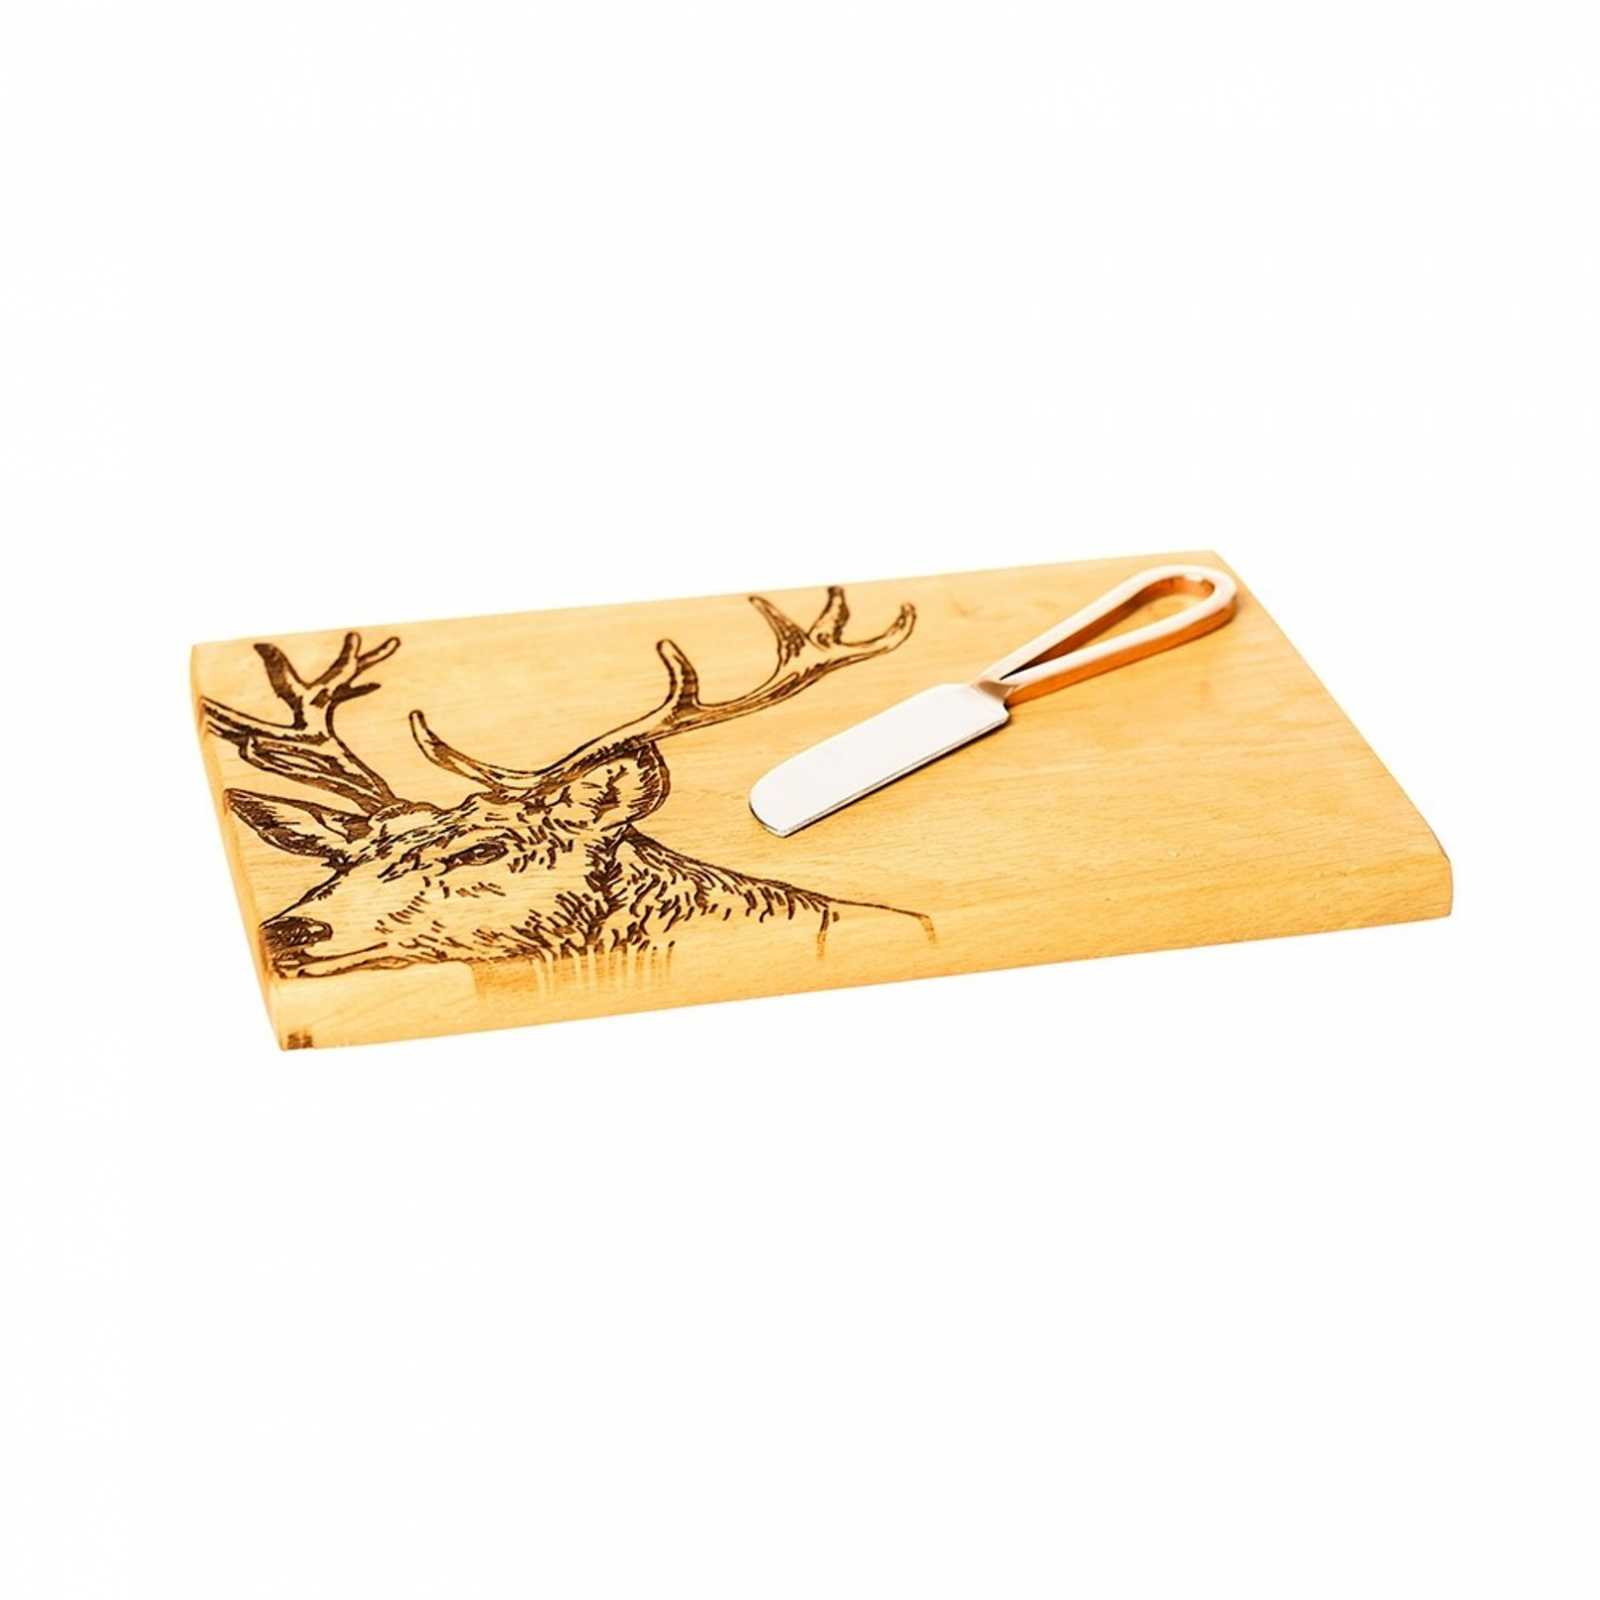 """Онлайн каталог PROMENU: Набор: доска деревянная с гравировкой """"Олень"""" и нож для сыра, бежевый, 2 предмета Scottish Made JS/SO/CBK/S"""